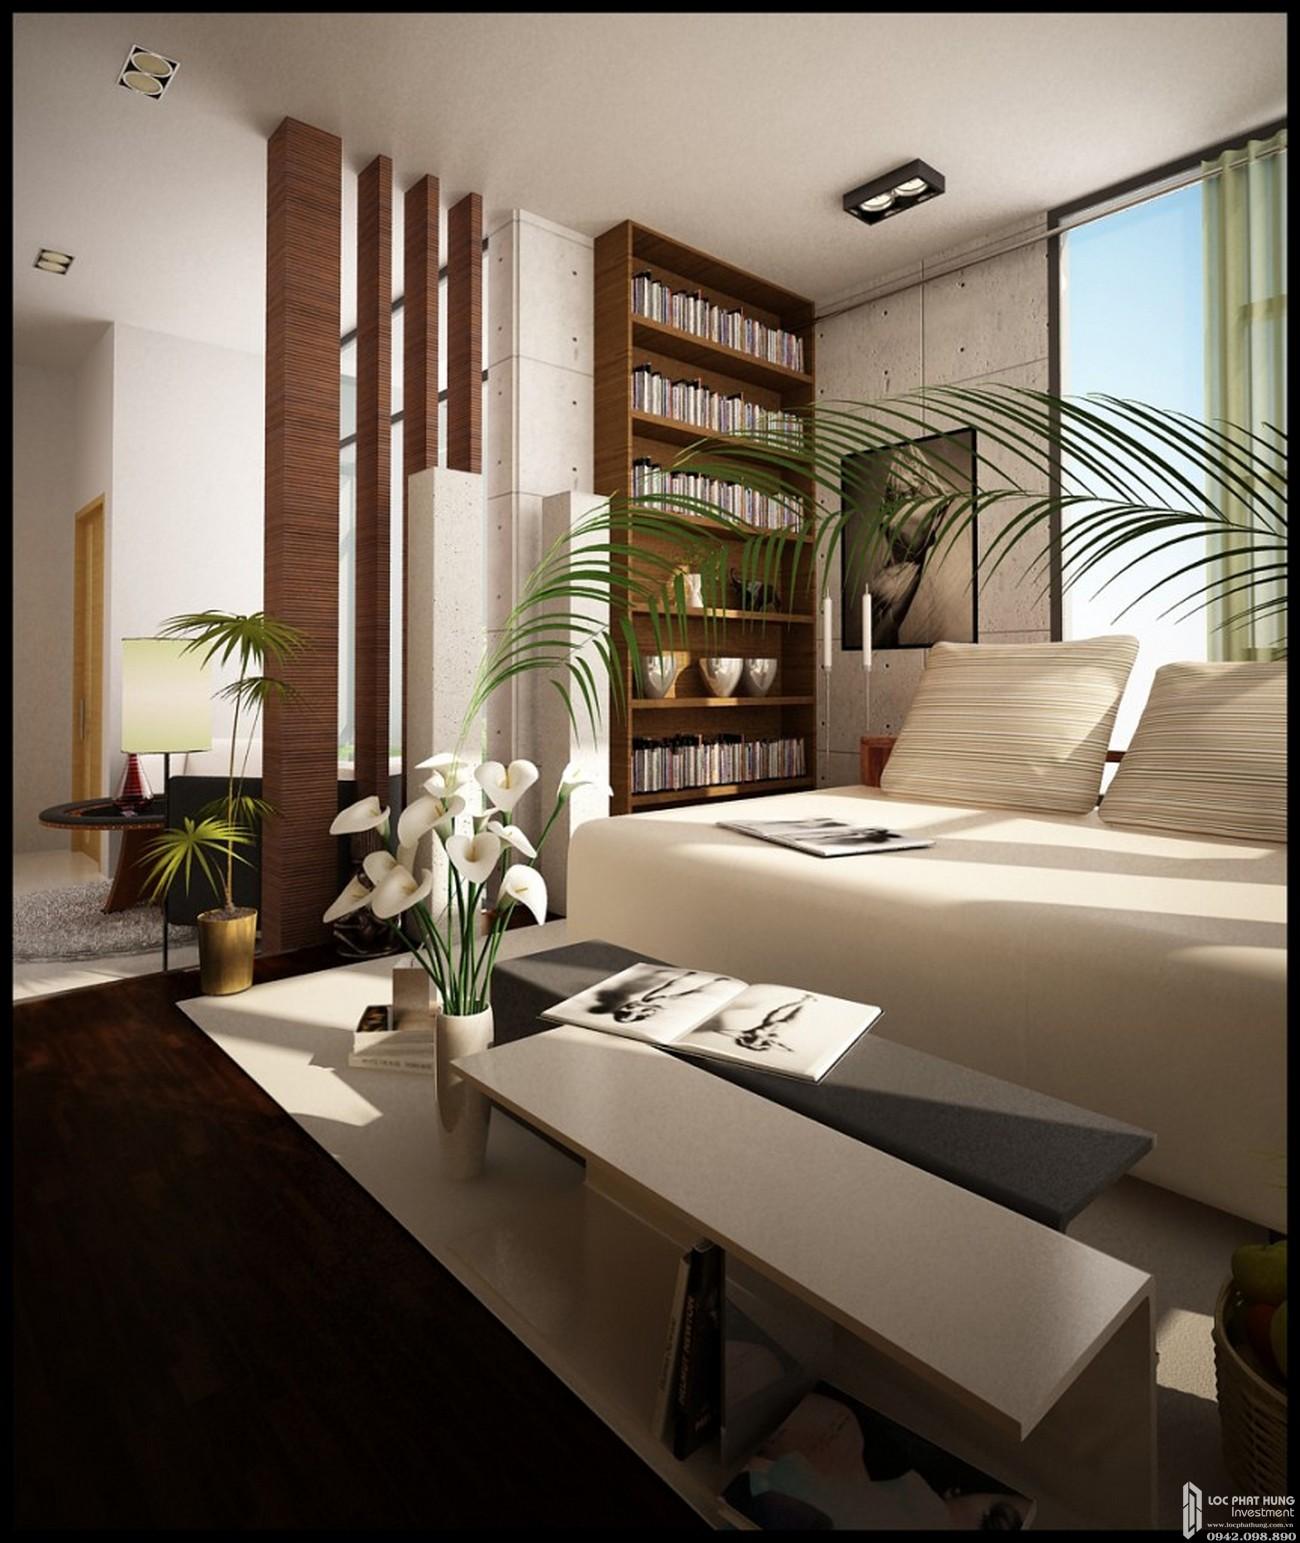 Nhà mẫu dự án nhà phố River Town Quận 9 Đường Đỗ Xuân Hợp chủ đầu tư Khang Điền